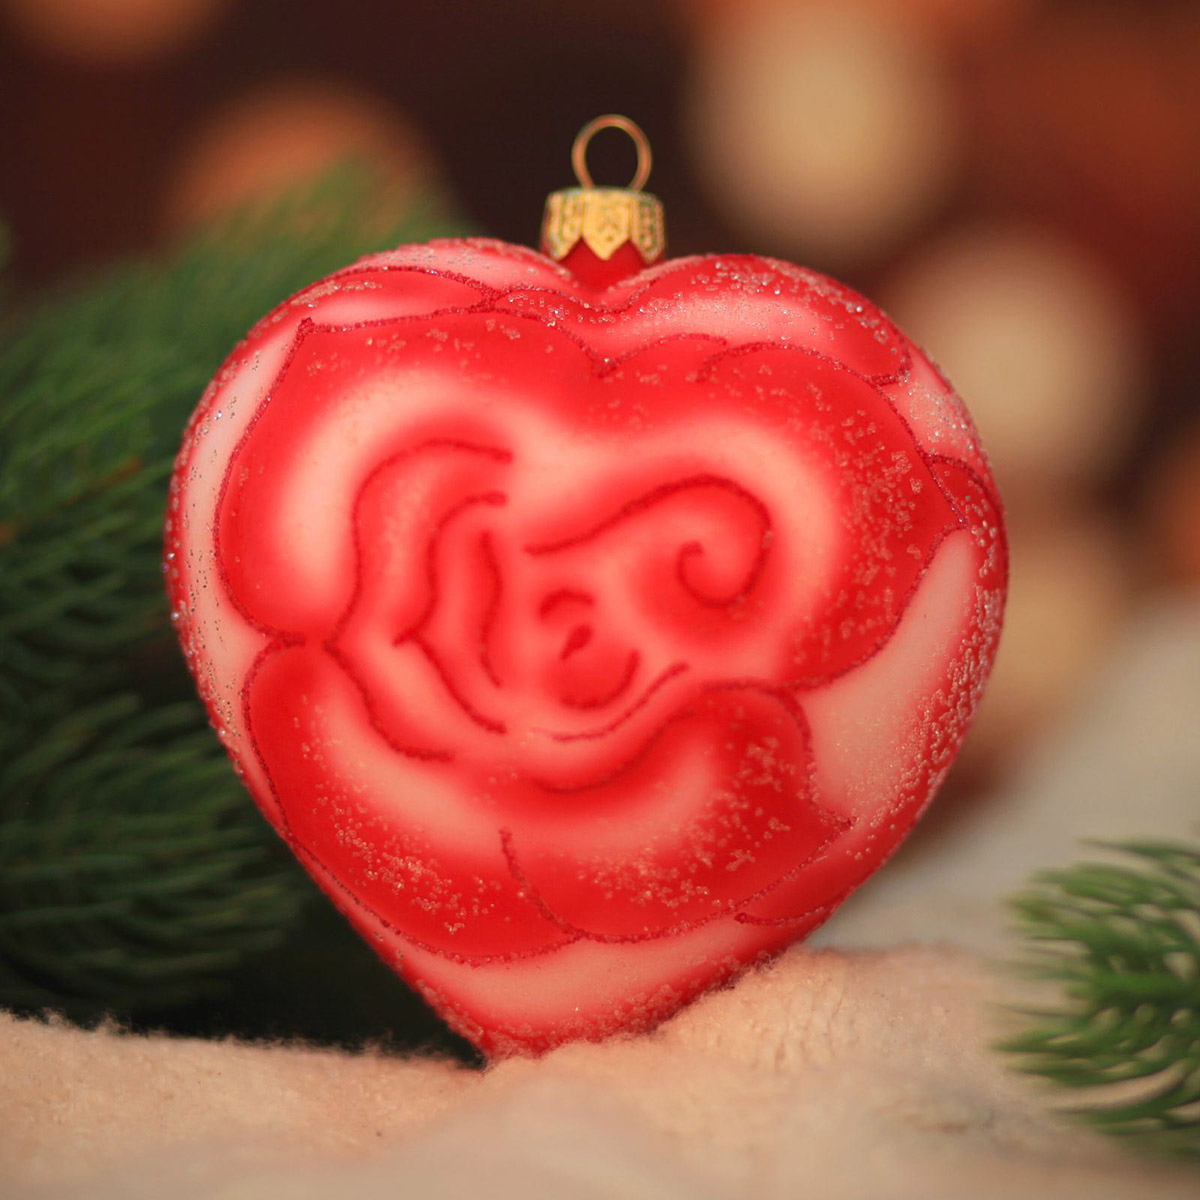 Новогоднее подвесное украшение Hanco Design Сердце-роза, высота 10 см106340Новогоднее украшение Hanco Design отлично подойдет для декорации вашего дома и новогодней ели. Елочная игрушка - символ Нового года. Она несет в себе волшебство и красоту праздника. Такое украшение создаст в вашем доме атмосферу праздника, веселья и радости.